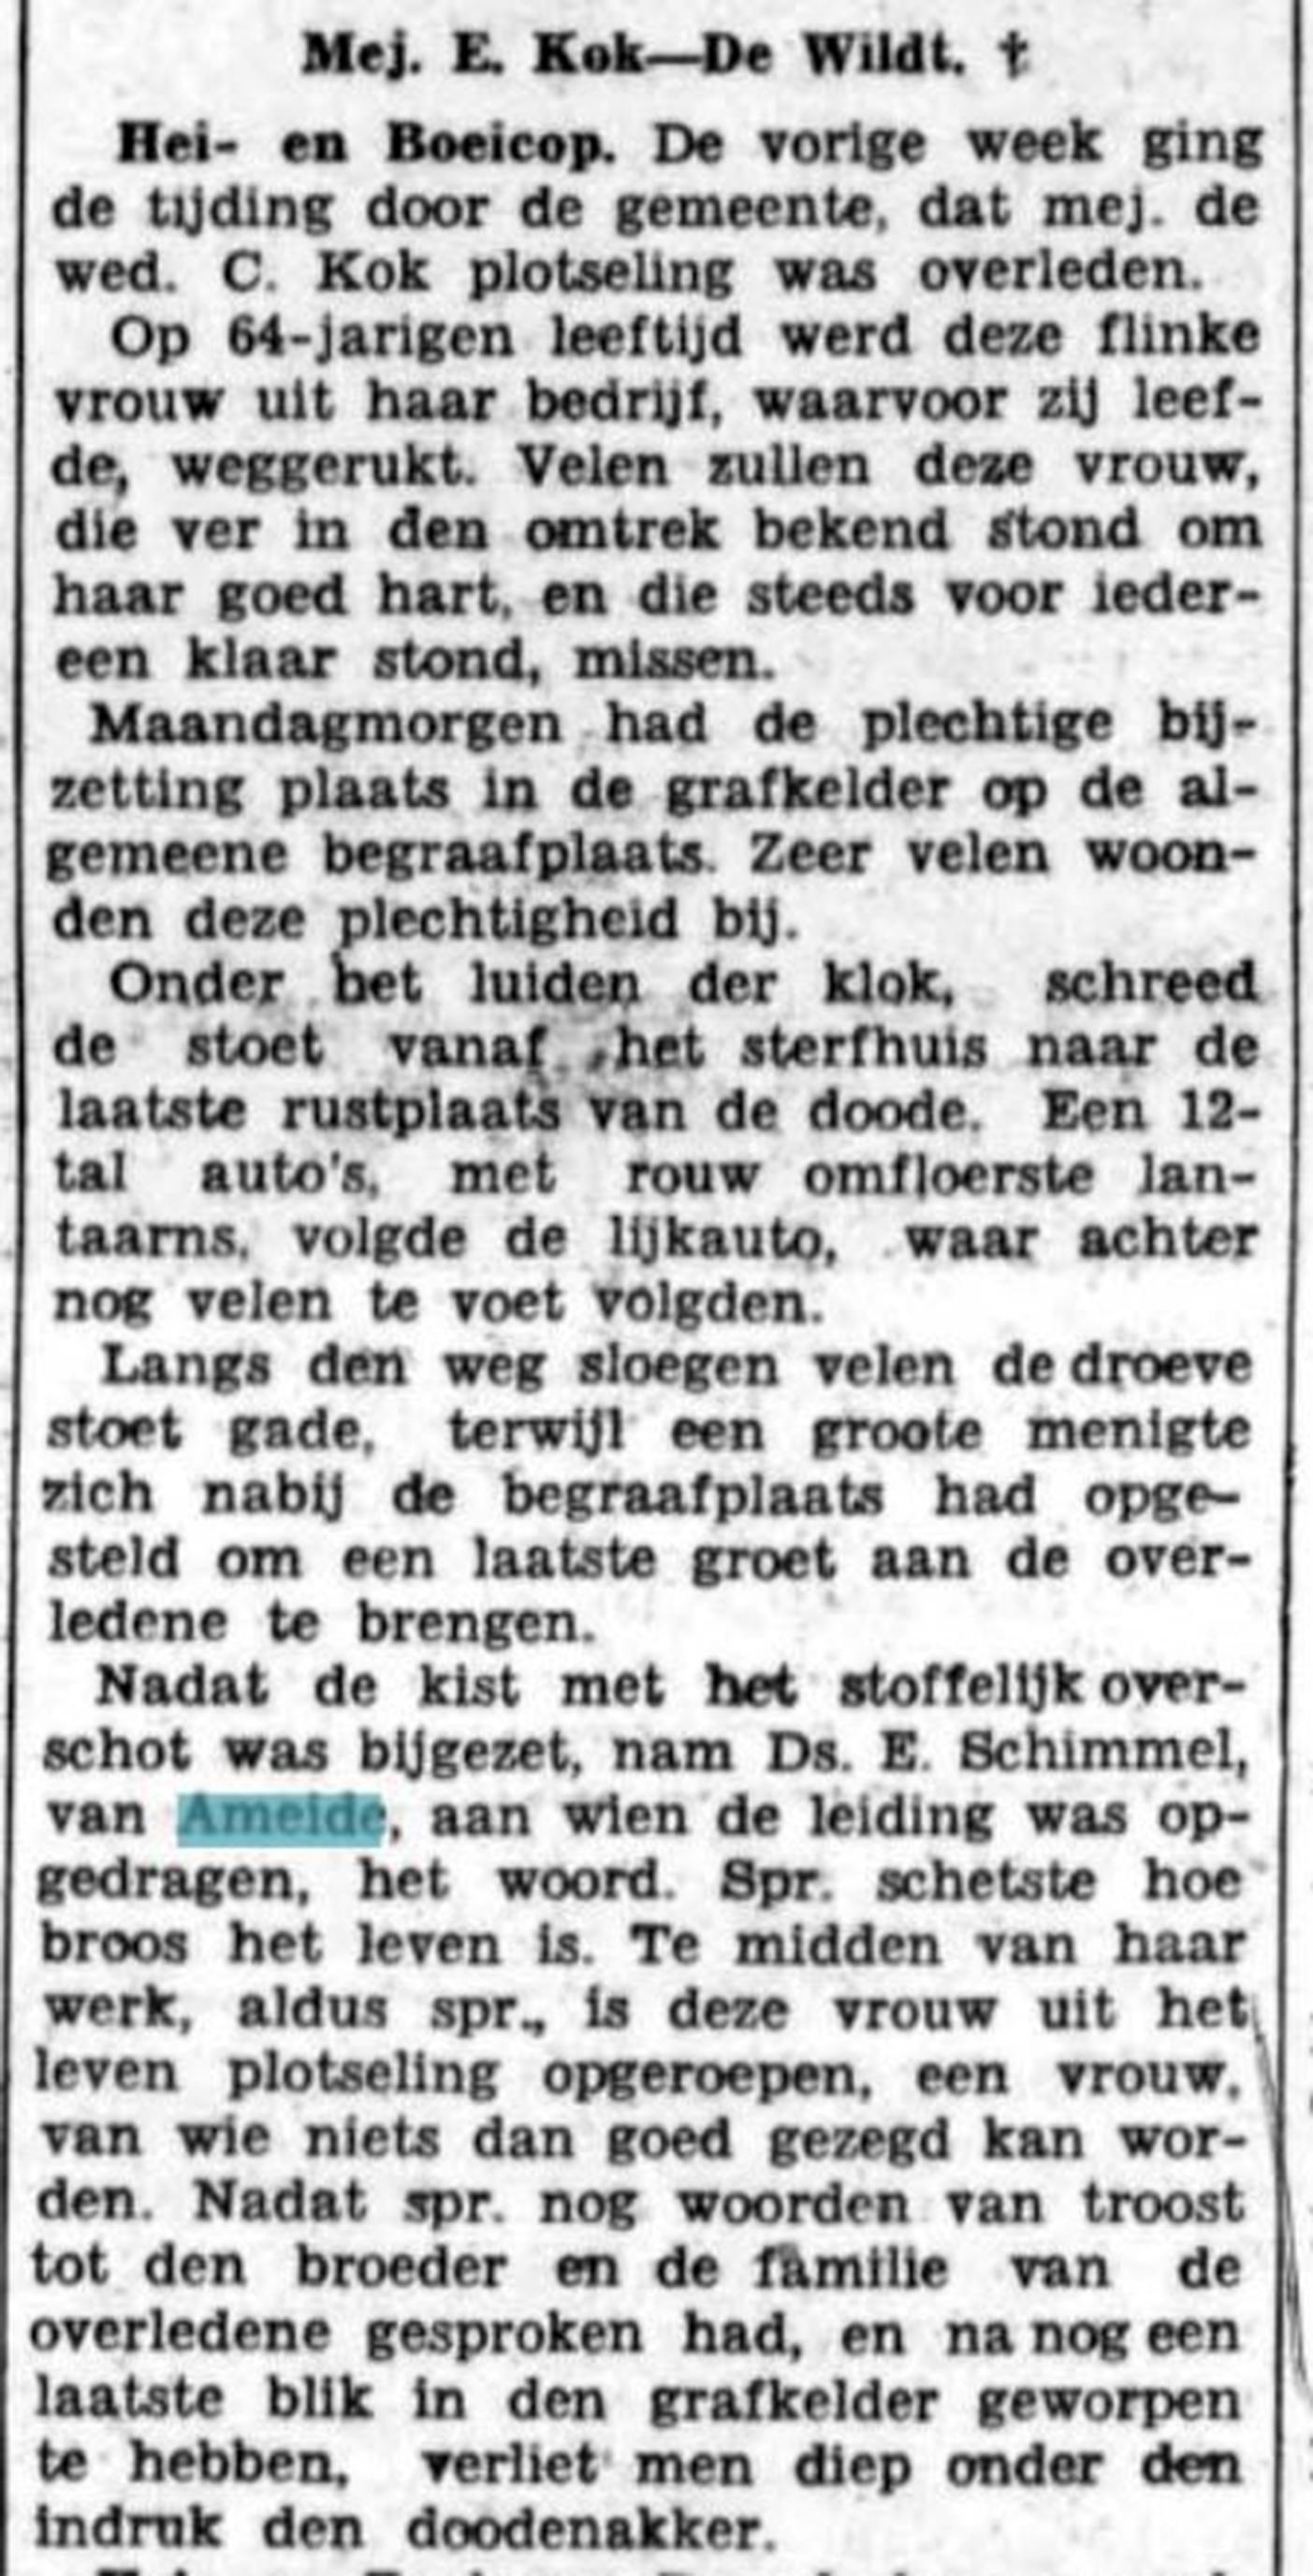 schoonhovensche-courant-06804-1937-05-03-artikel-07